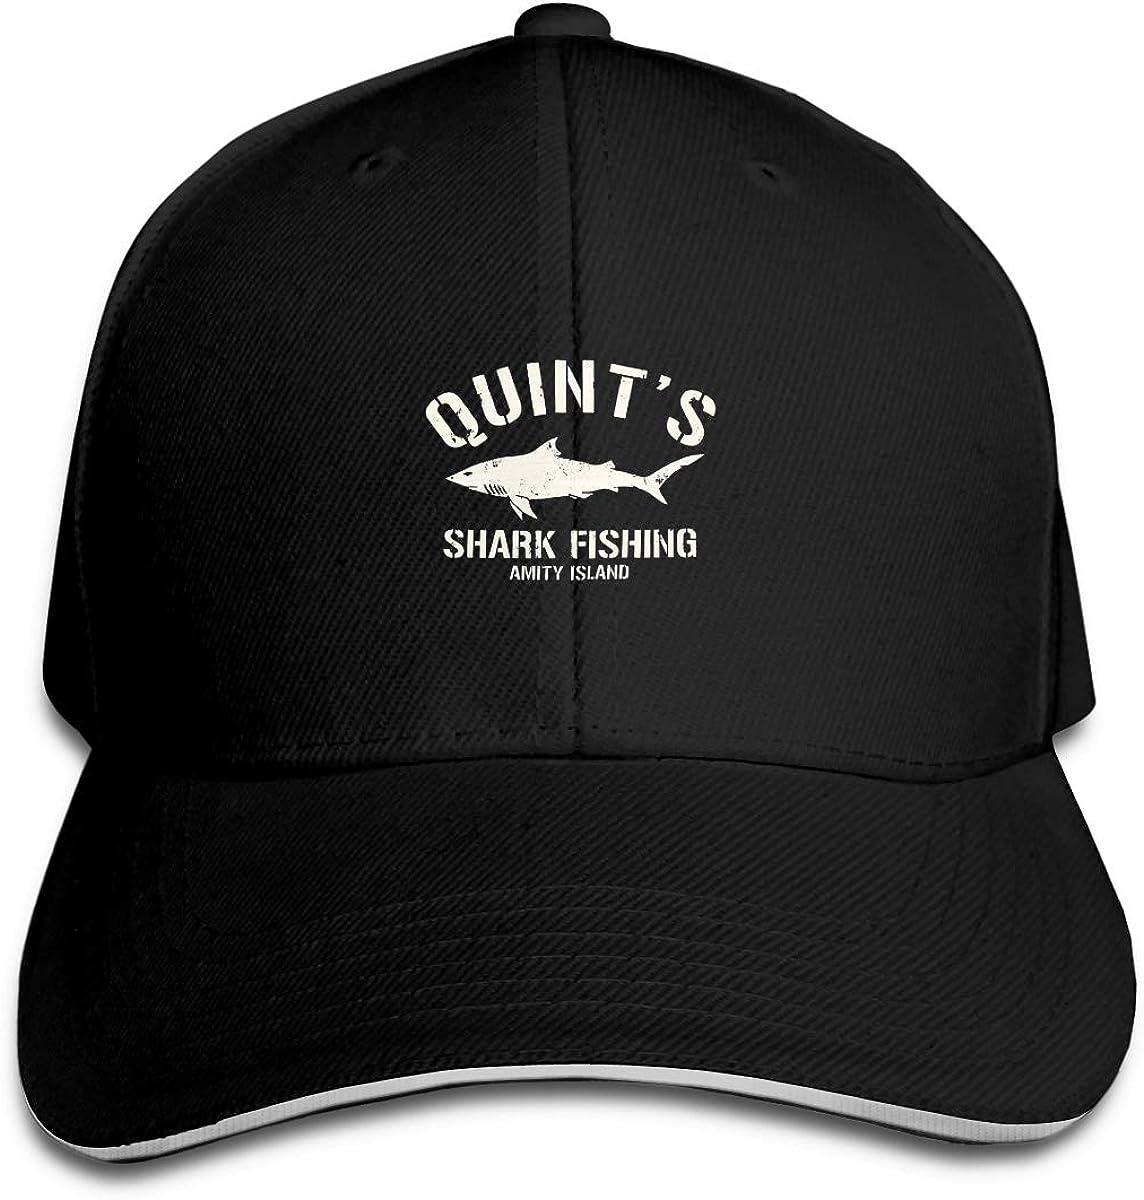 Quints Shark Fishing Logo Classic Adjustable Cotton Baseball Caps Trucker Driver Hat Outdoor Cap Black